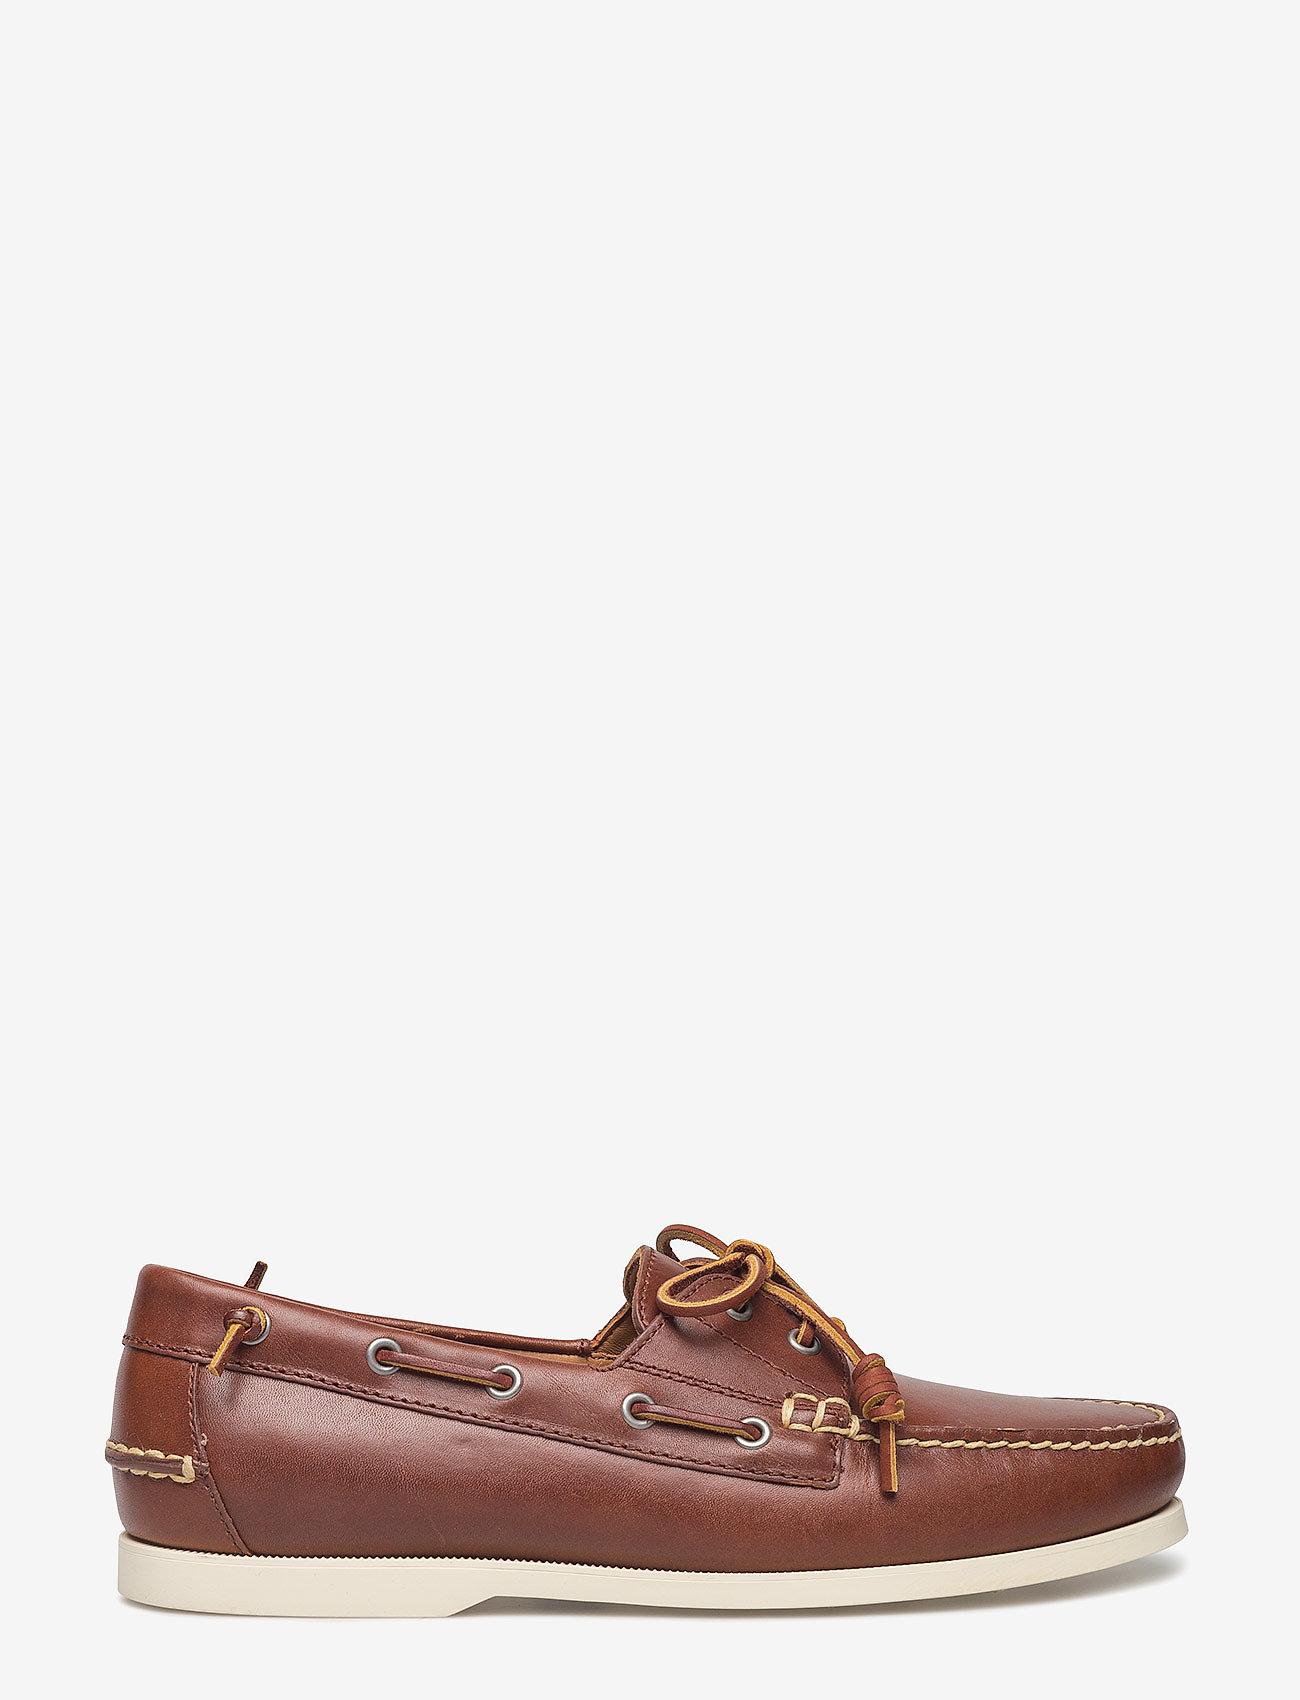 Merton Leather Boat Shoe (Deep Saddle